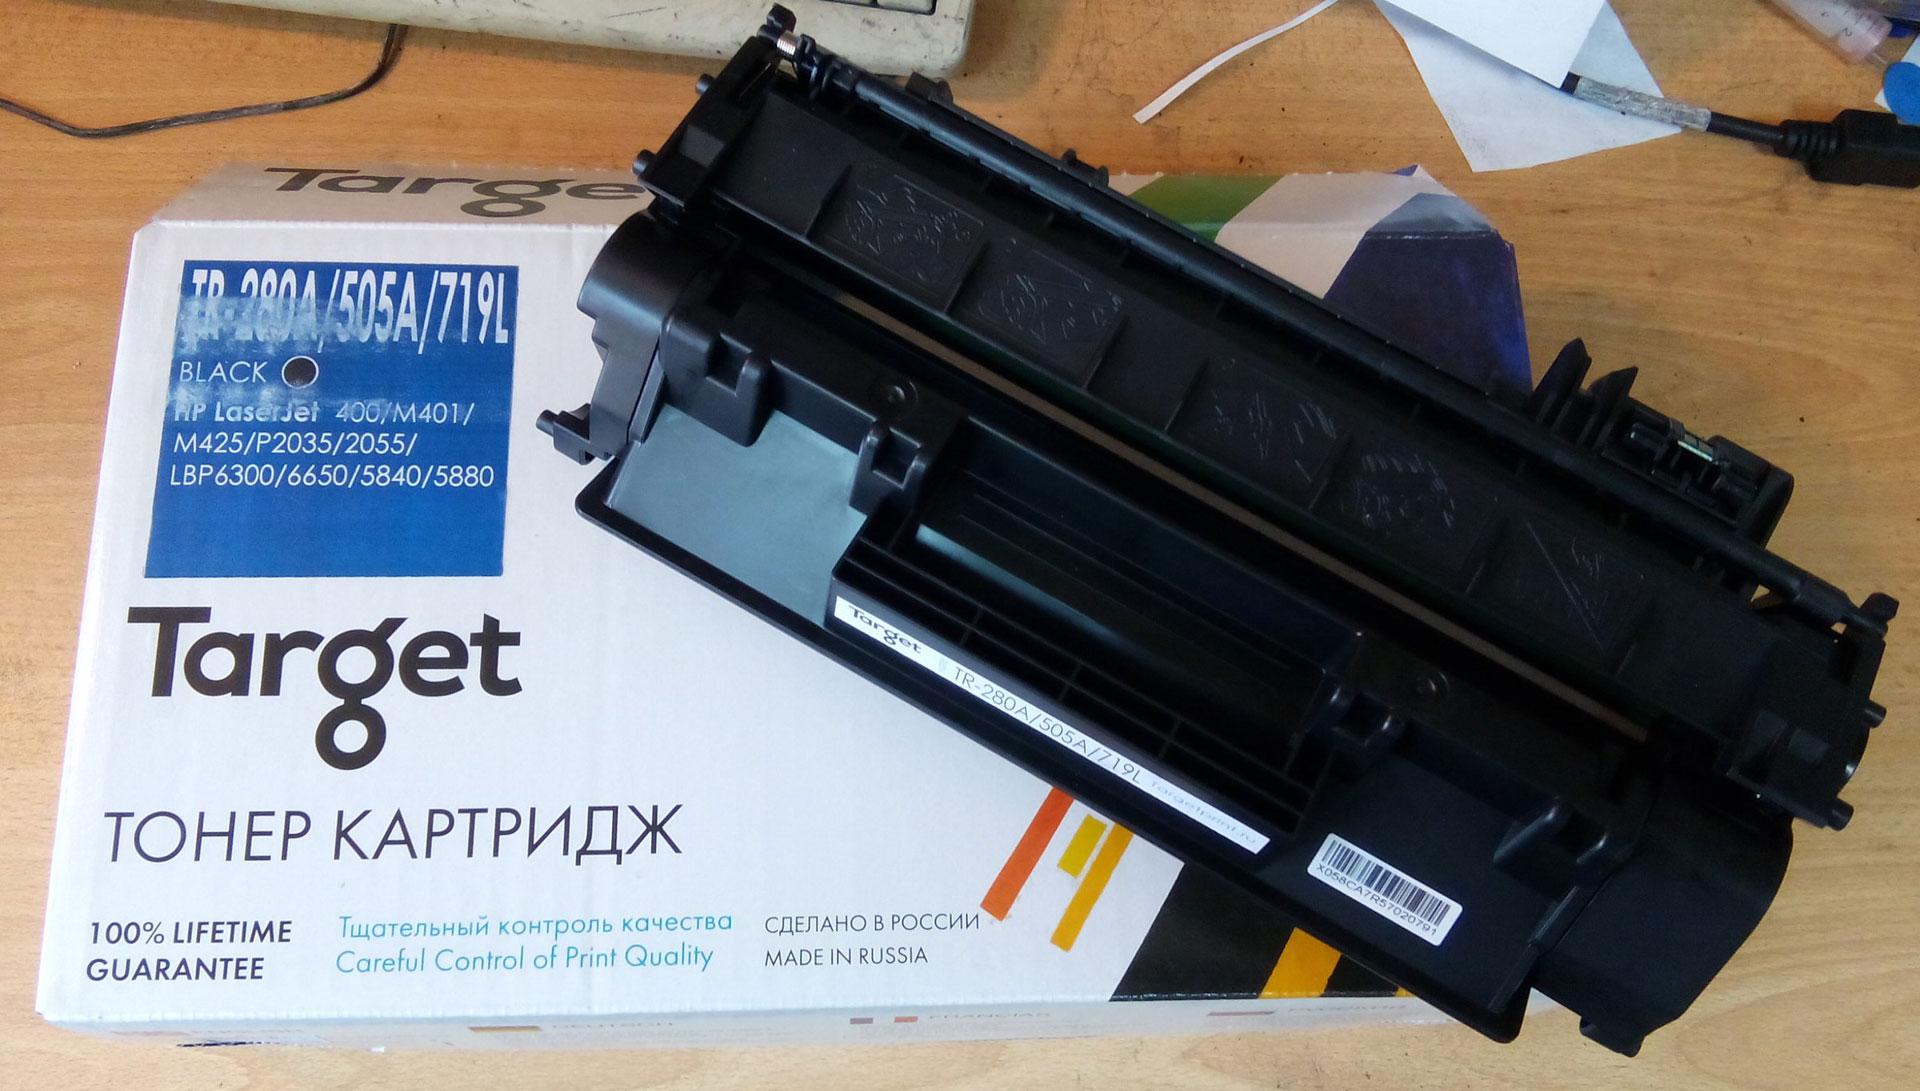 Тест совместимого универсального картриджа Target HP CE505A CF280A Canon C-EXV40, Игорь Чувакин